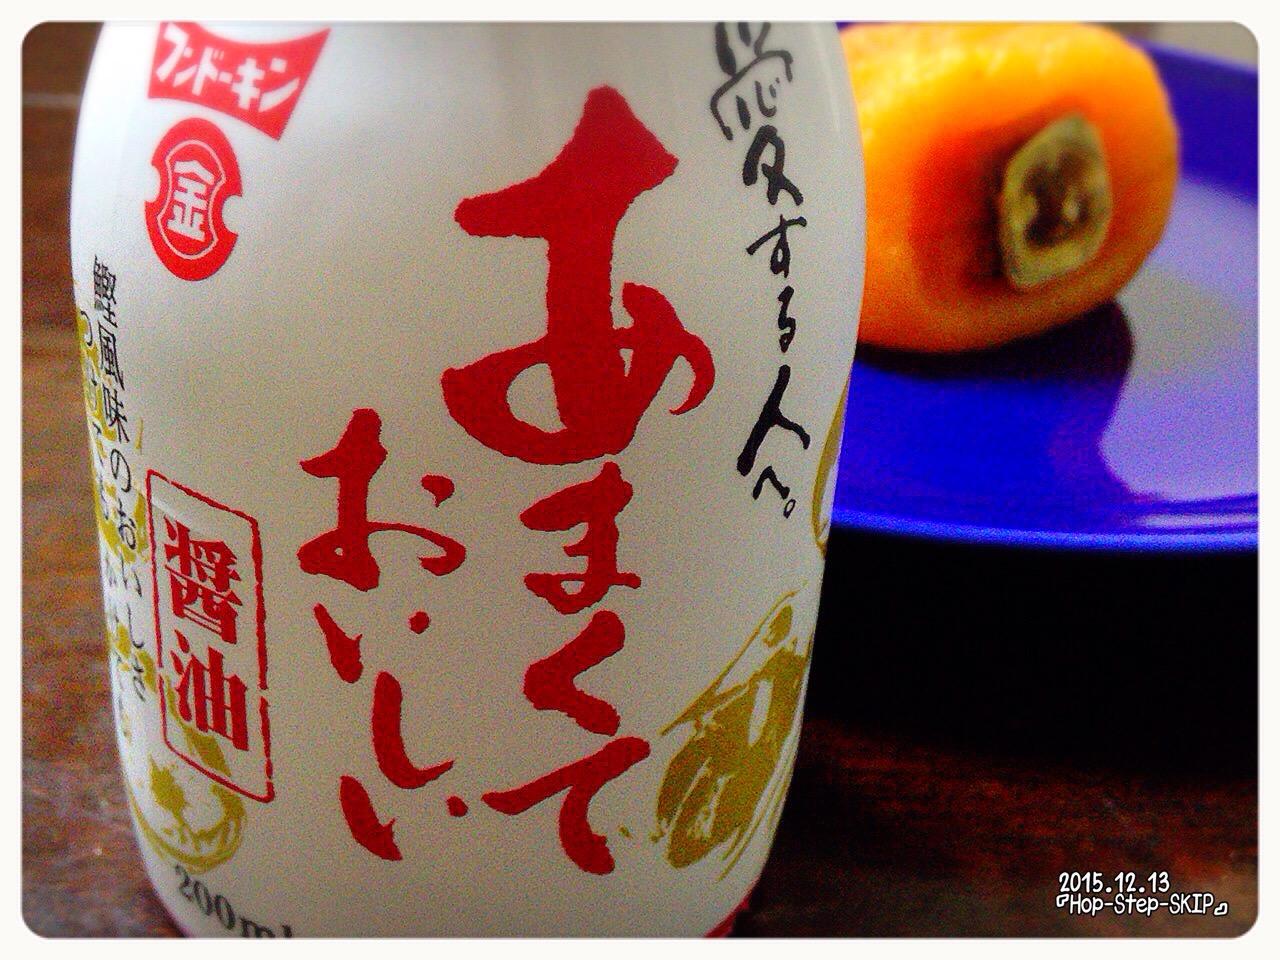 6『 ENDLESS SUMMER と 柿に甘い醤油 だっぺ 』